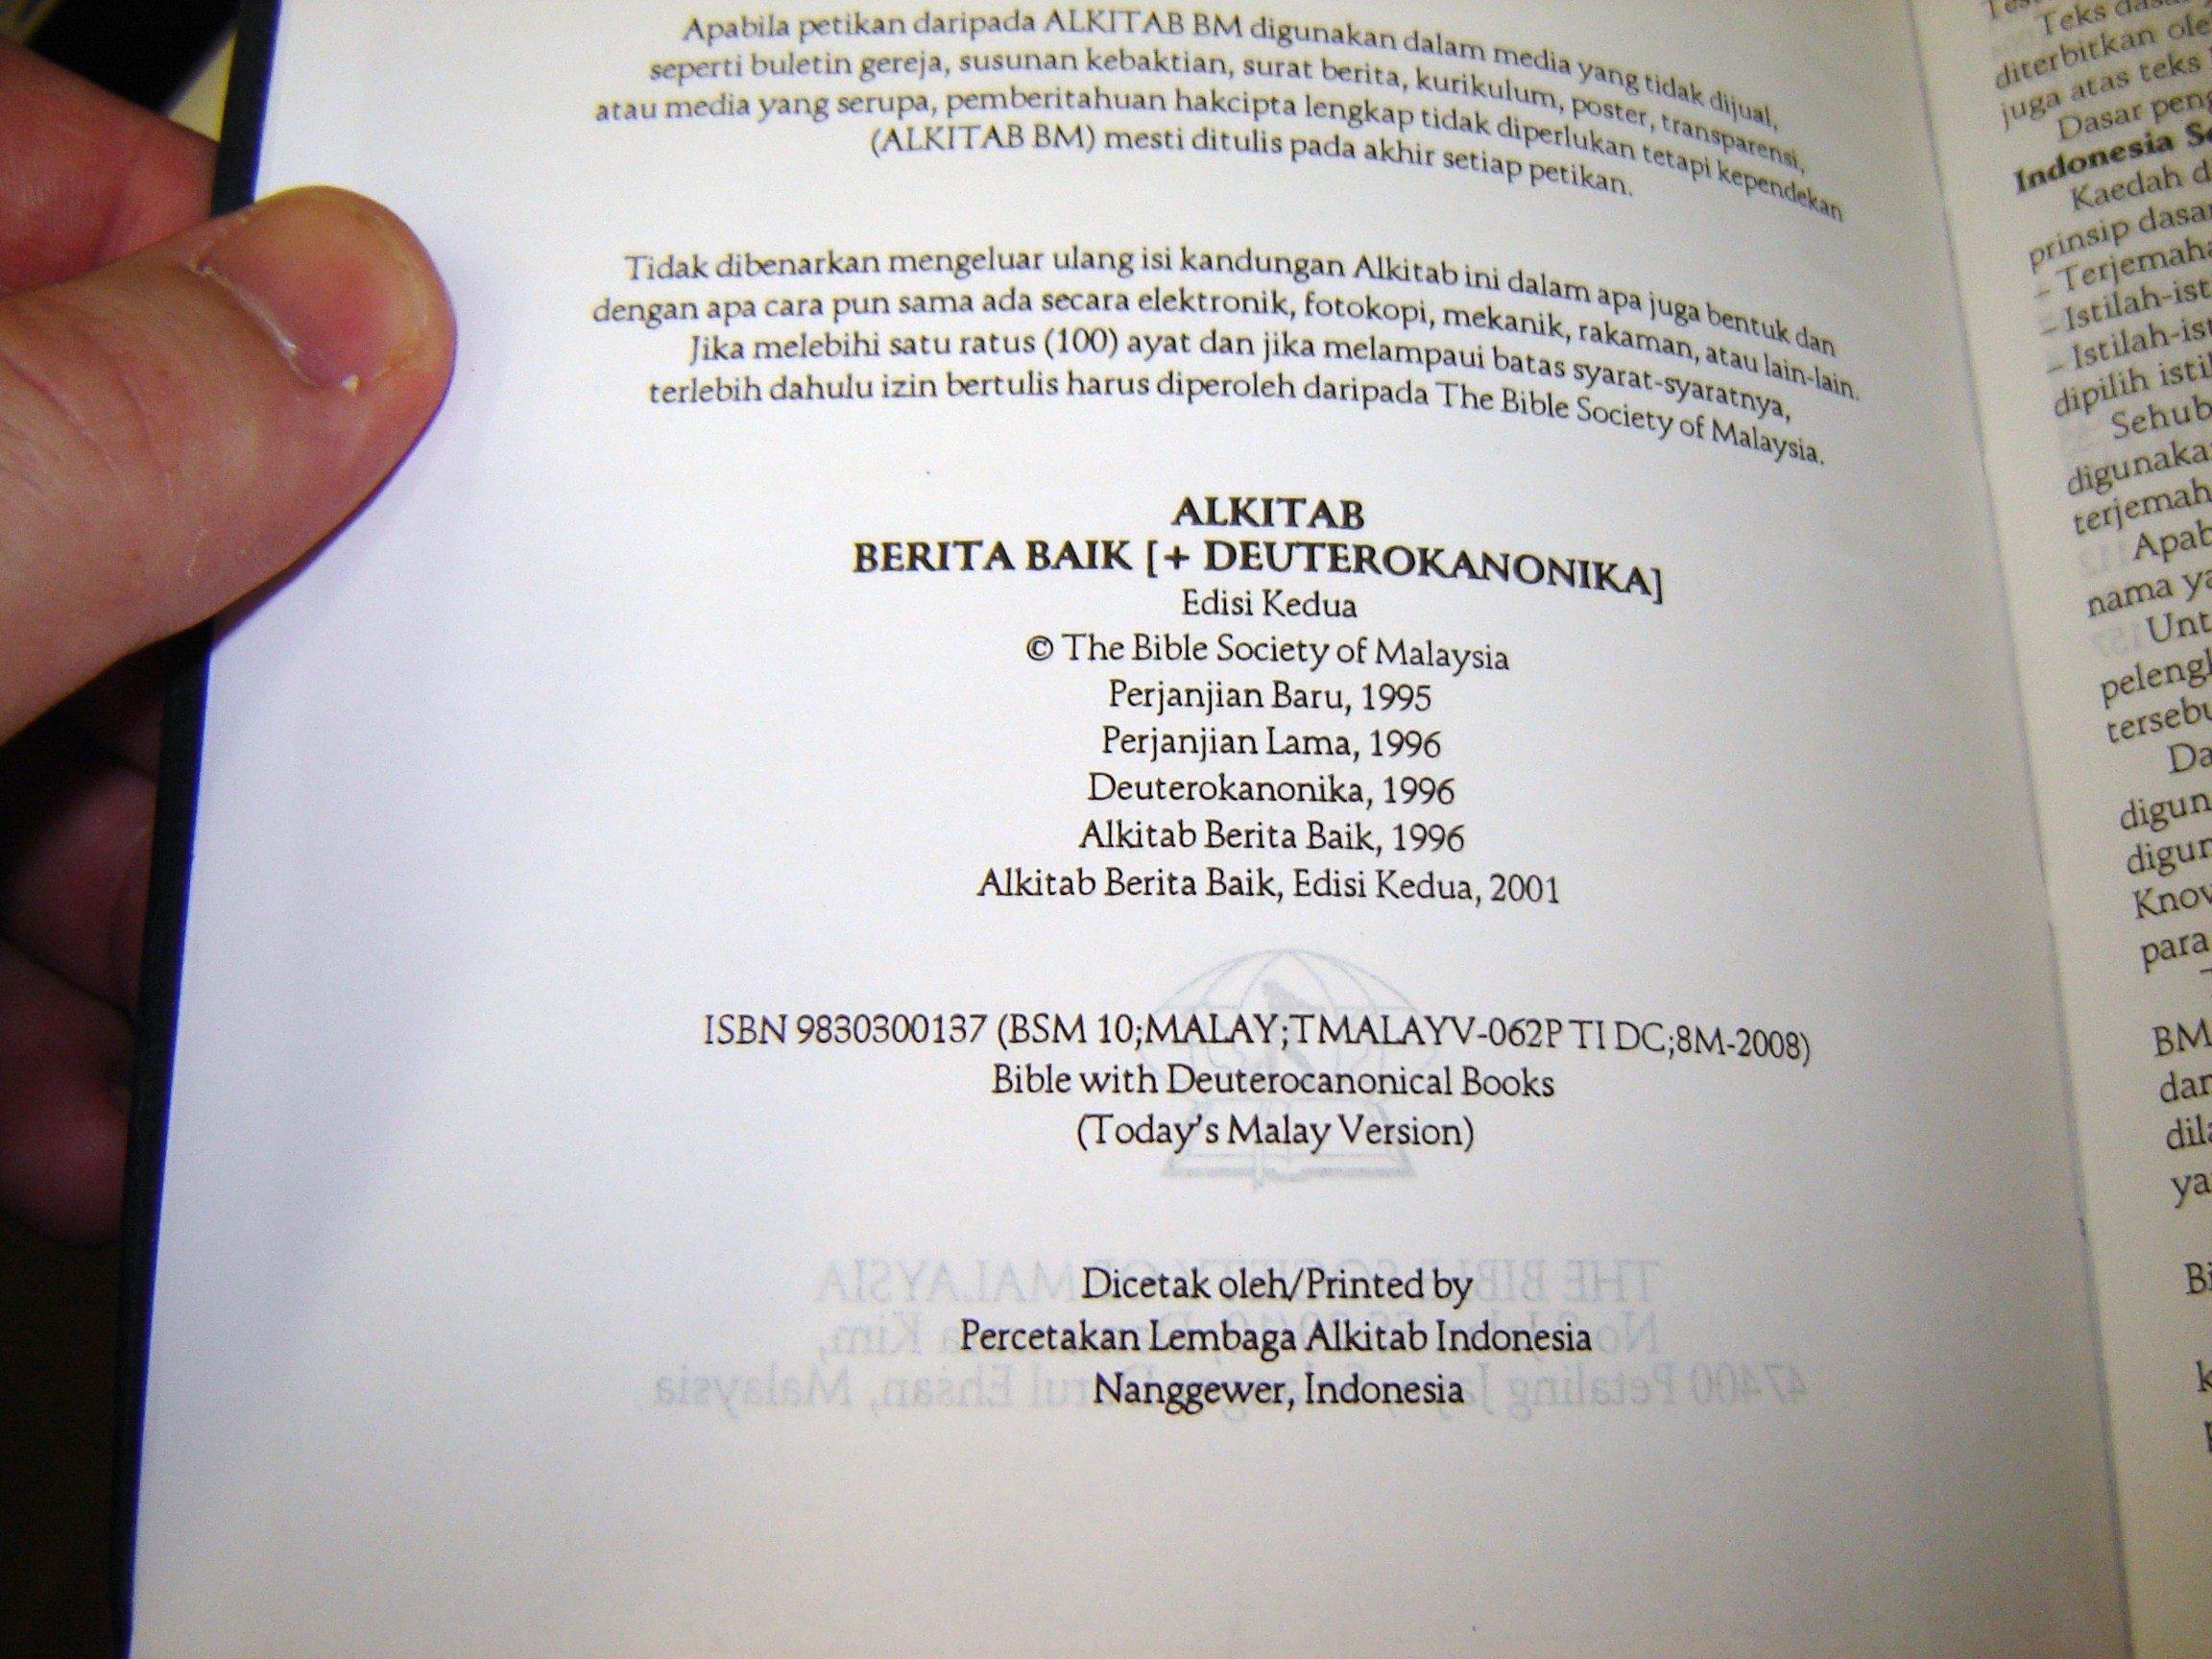 Alkitab / Berita Baik + Deuterokanonika / Edisi Kedua - Perjanjian Baru and Lama / Malay Catholic Bi: Bible Society: 9789830300139: Amazon.com: Books